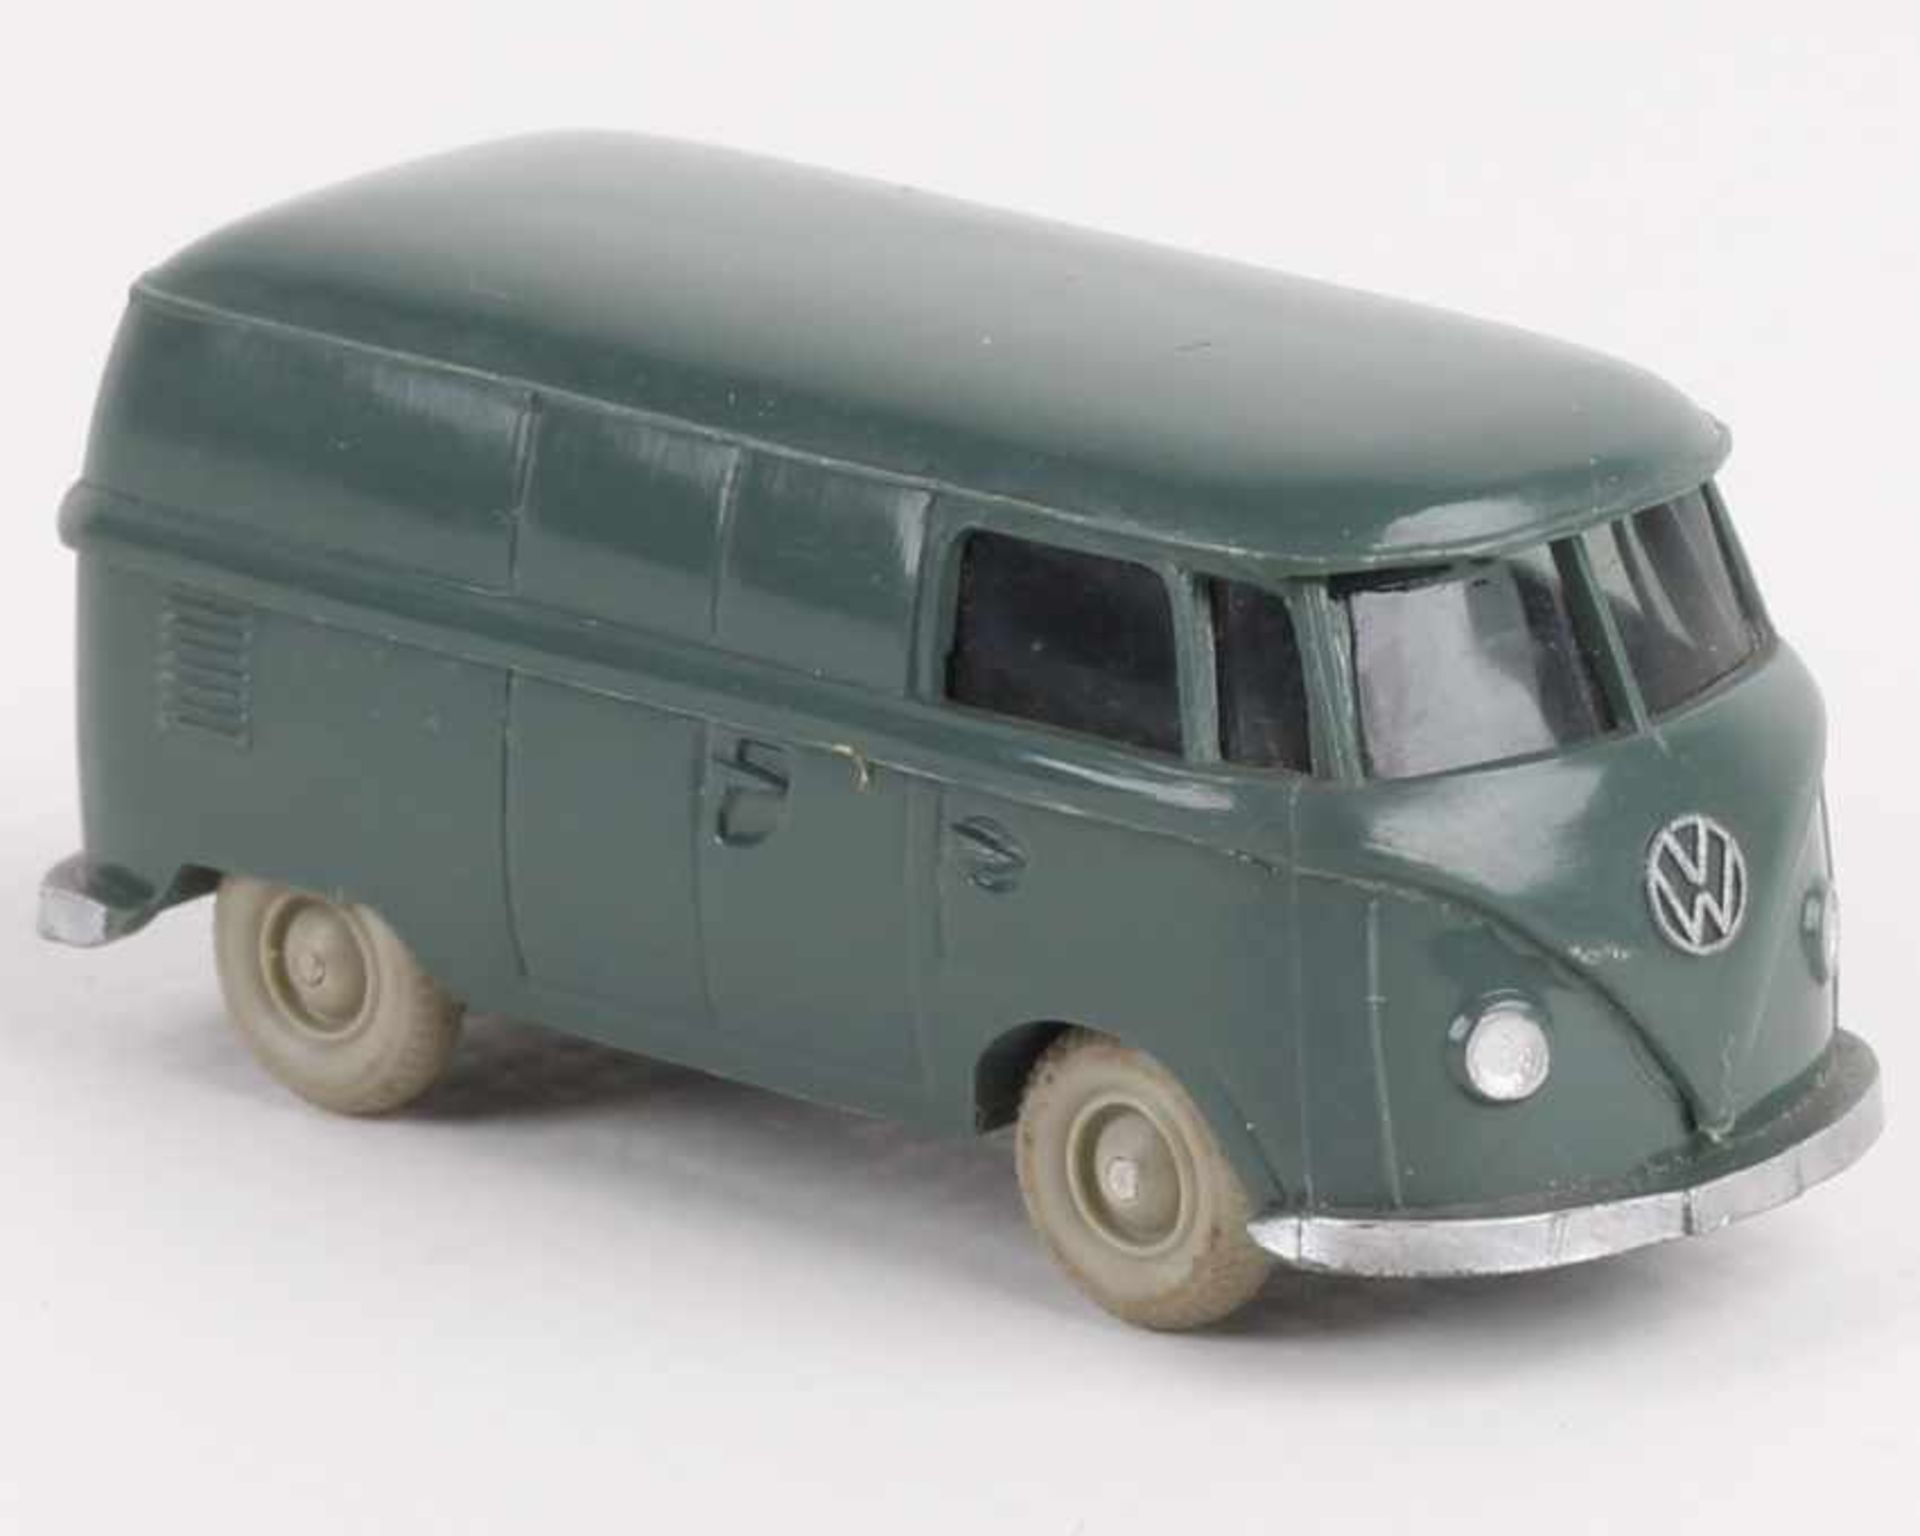 WikingVW Kasten graugrün300/9a, neuwertig